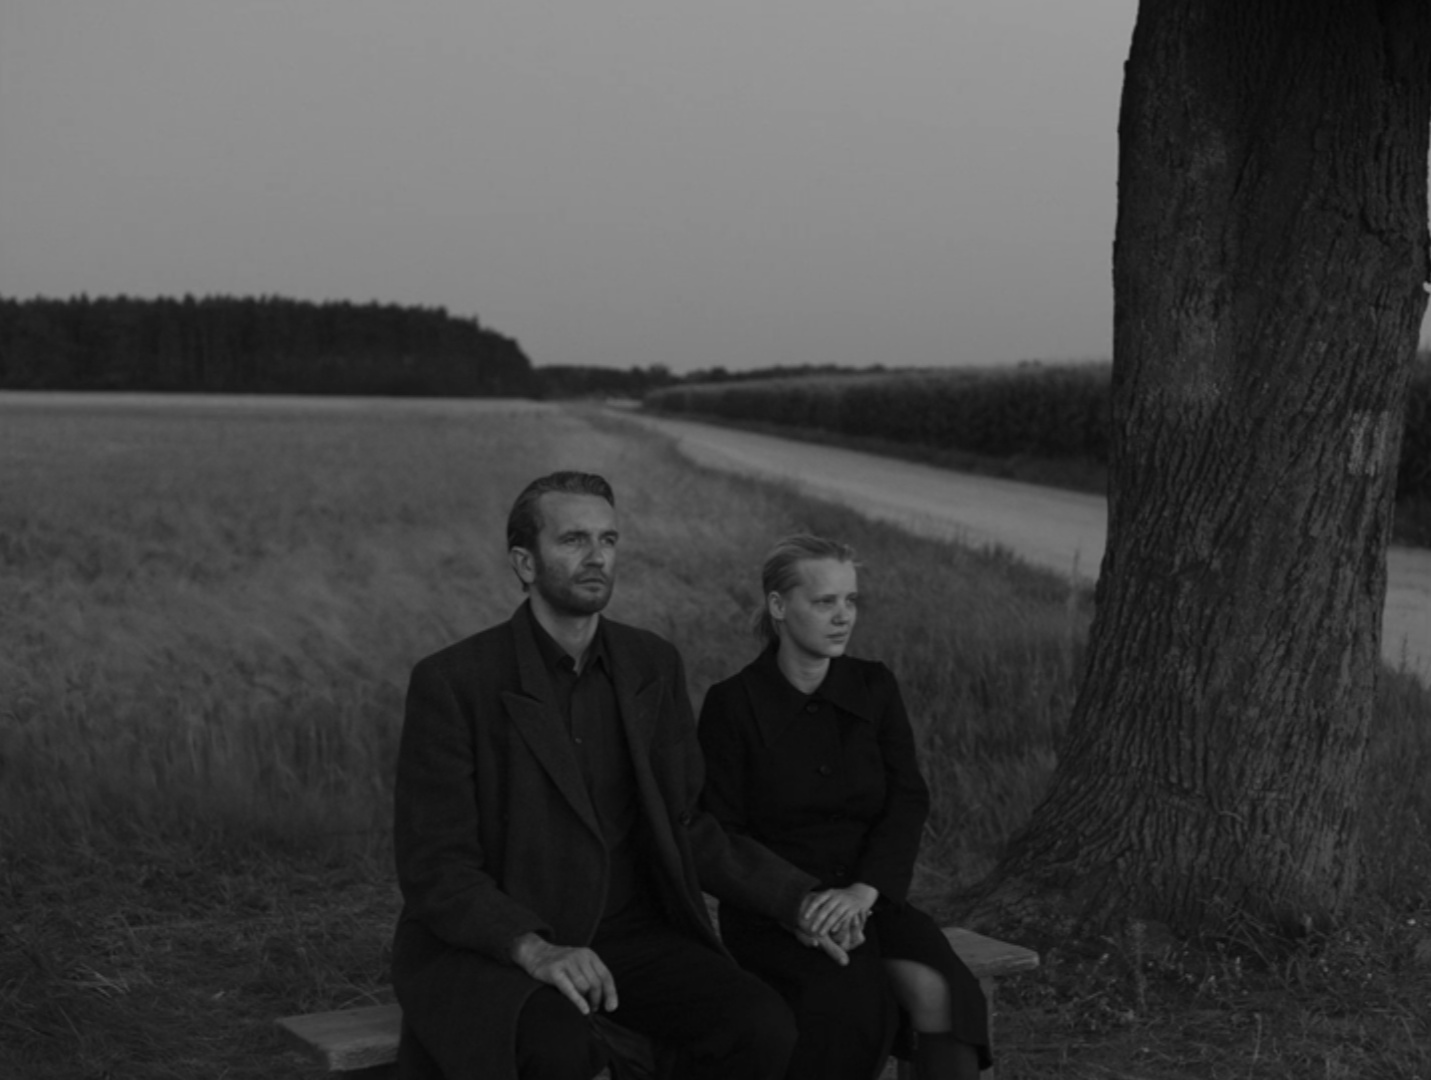 Cold war, de Paweł Pawlikowski